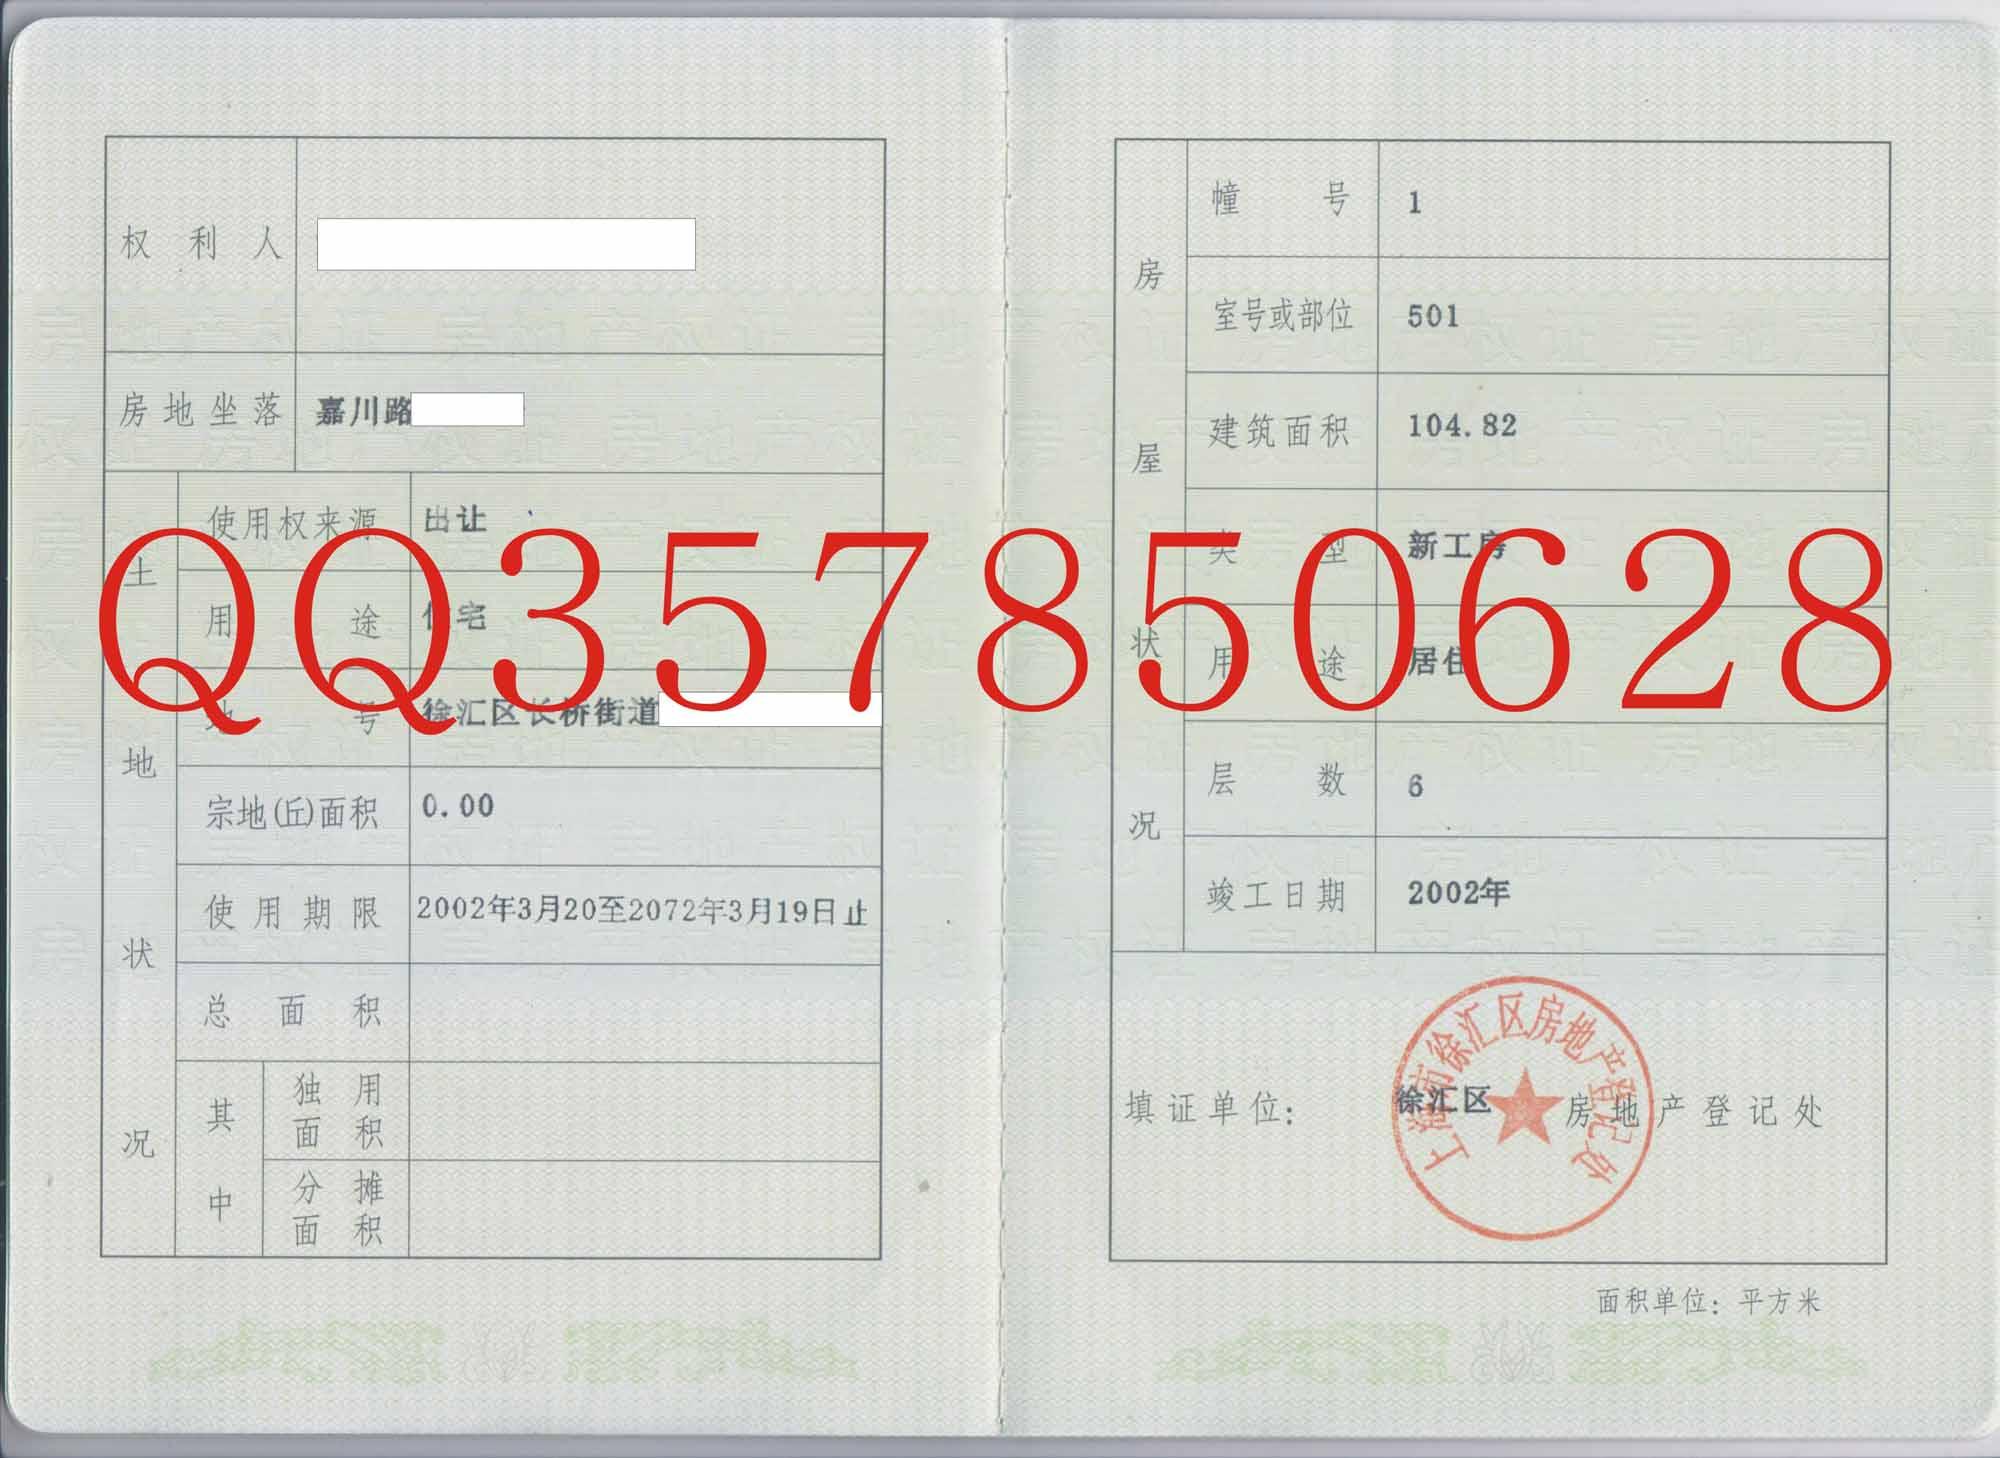 上海市房产证样本 - 房产证样本